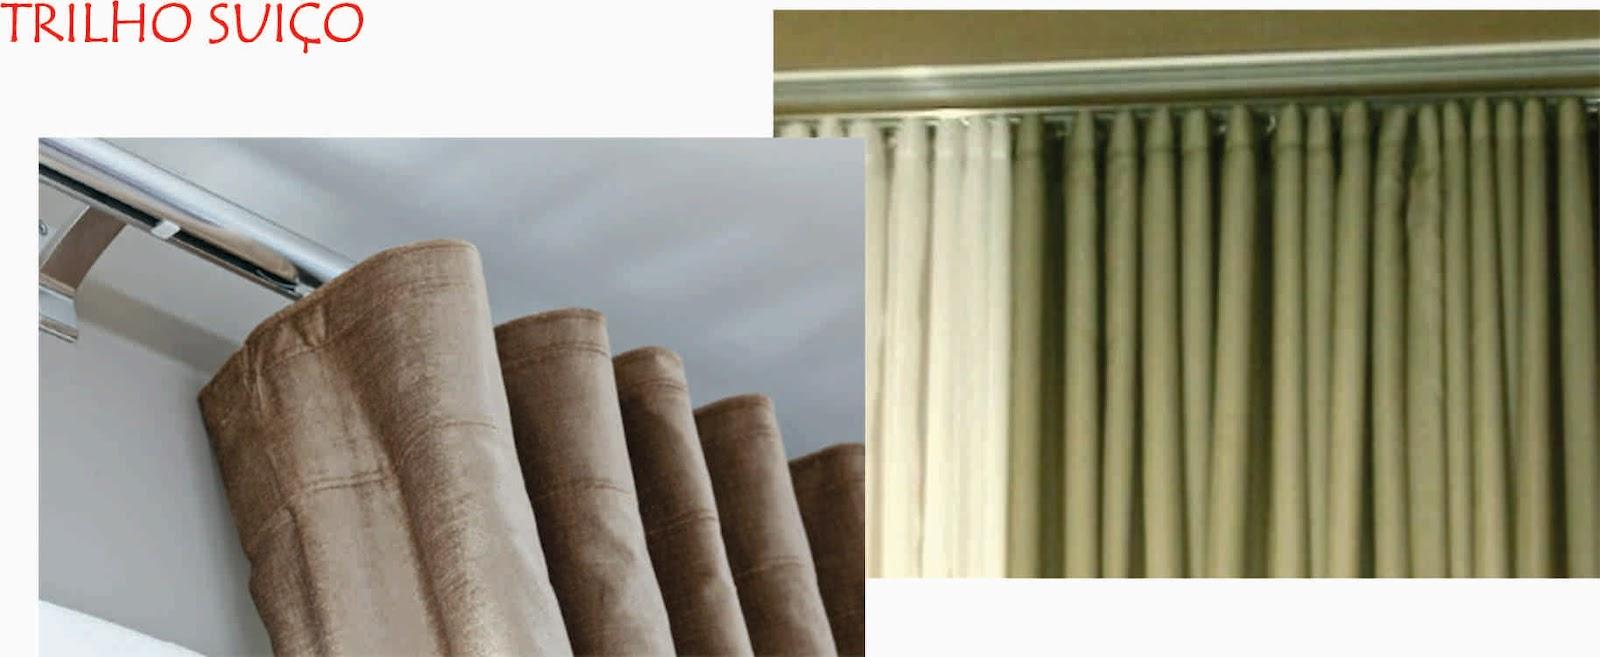 Allan feio arquitetura cortinas para decorar as paredes - Formas de cortinas ...